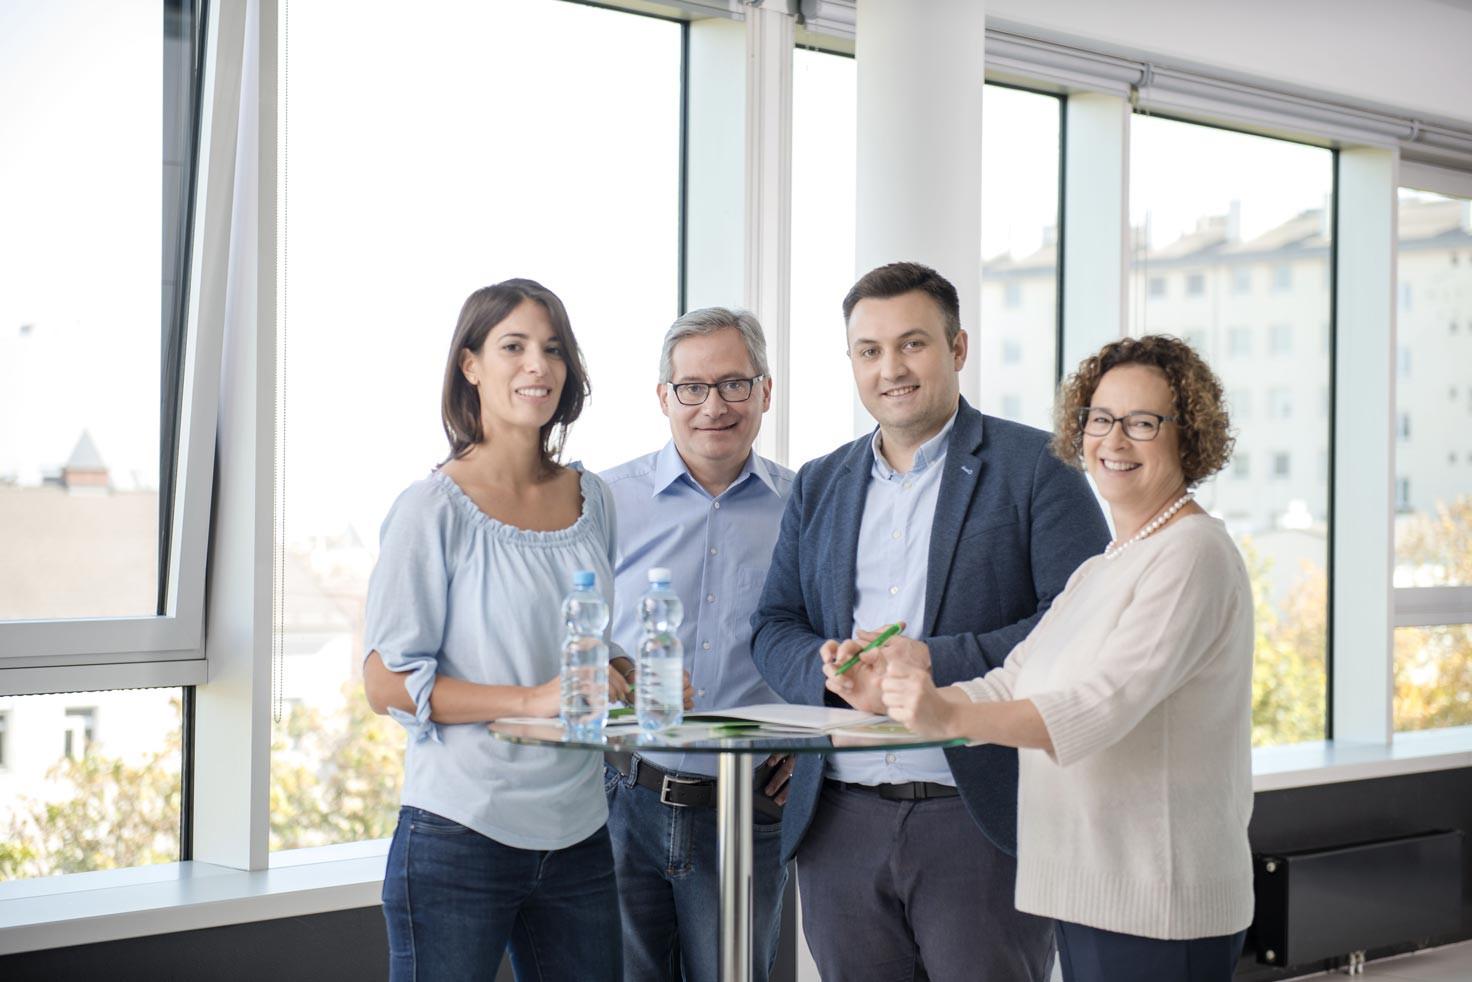 Das SprachenWelt-Team am WIFI – Ihre Ansprechpartner, wenn es um Sprachkurse geht